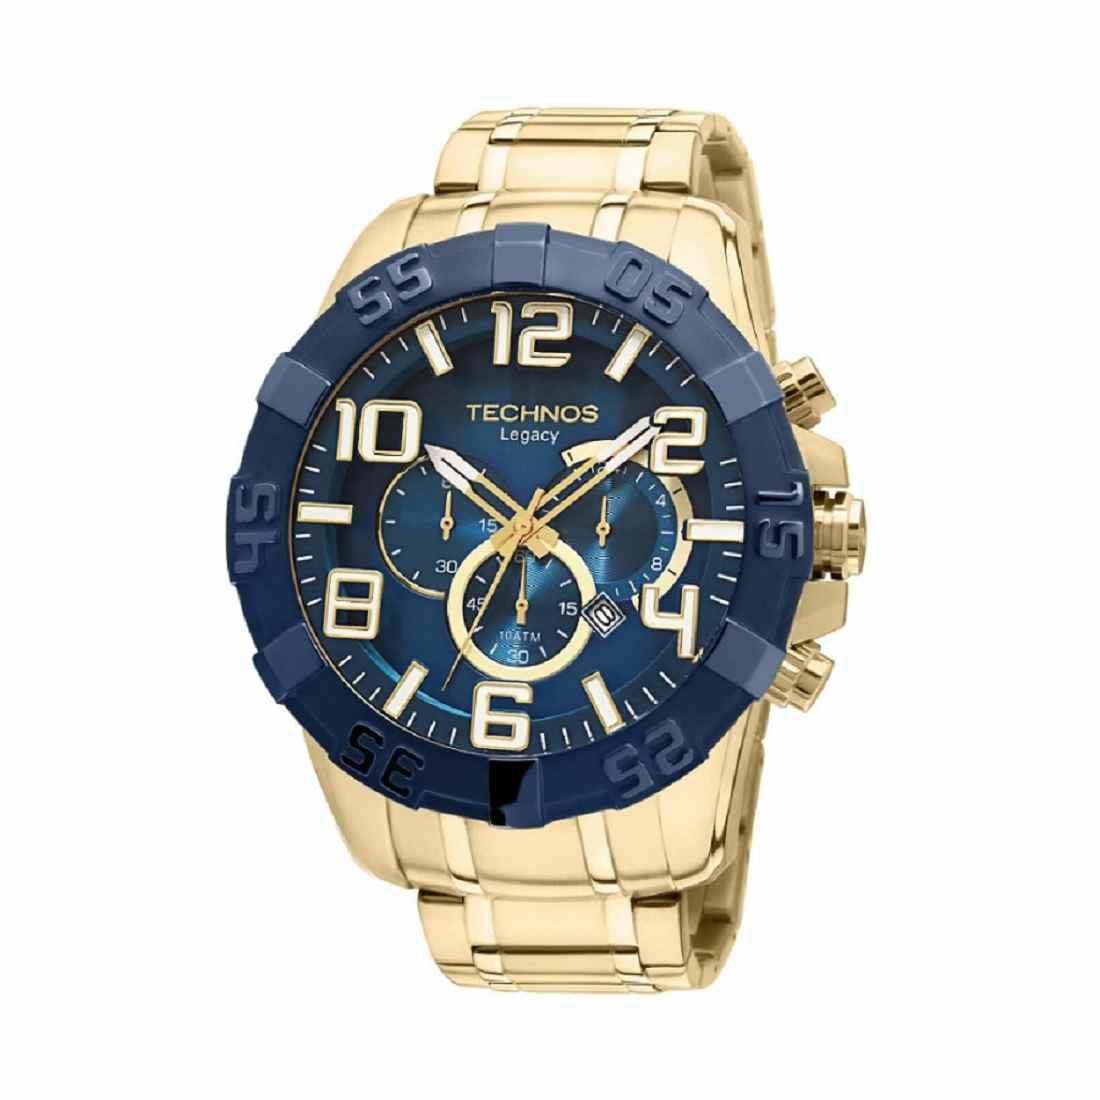 Relógio Technos Legacy Masculino Cronógrafo Dourado OS20IQ/4A